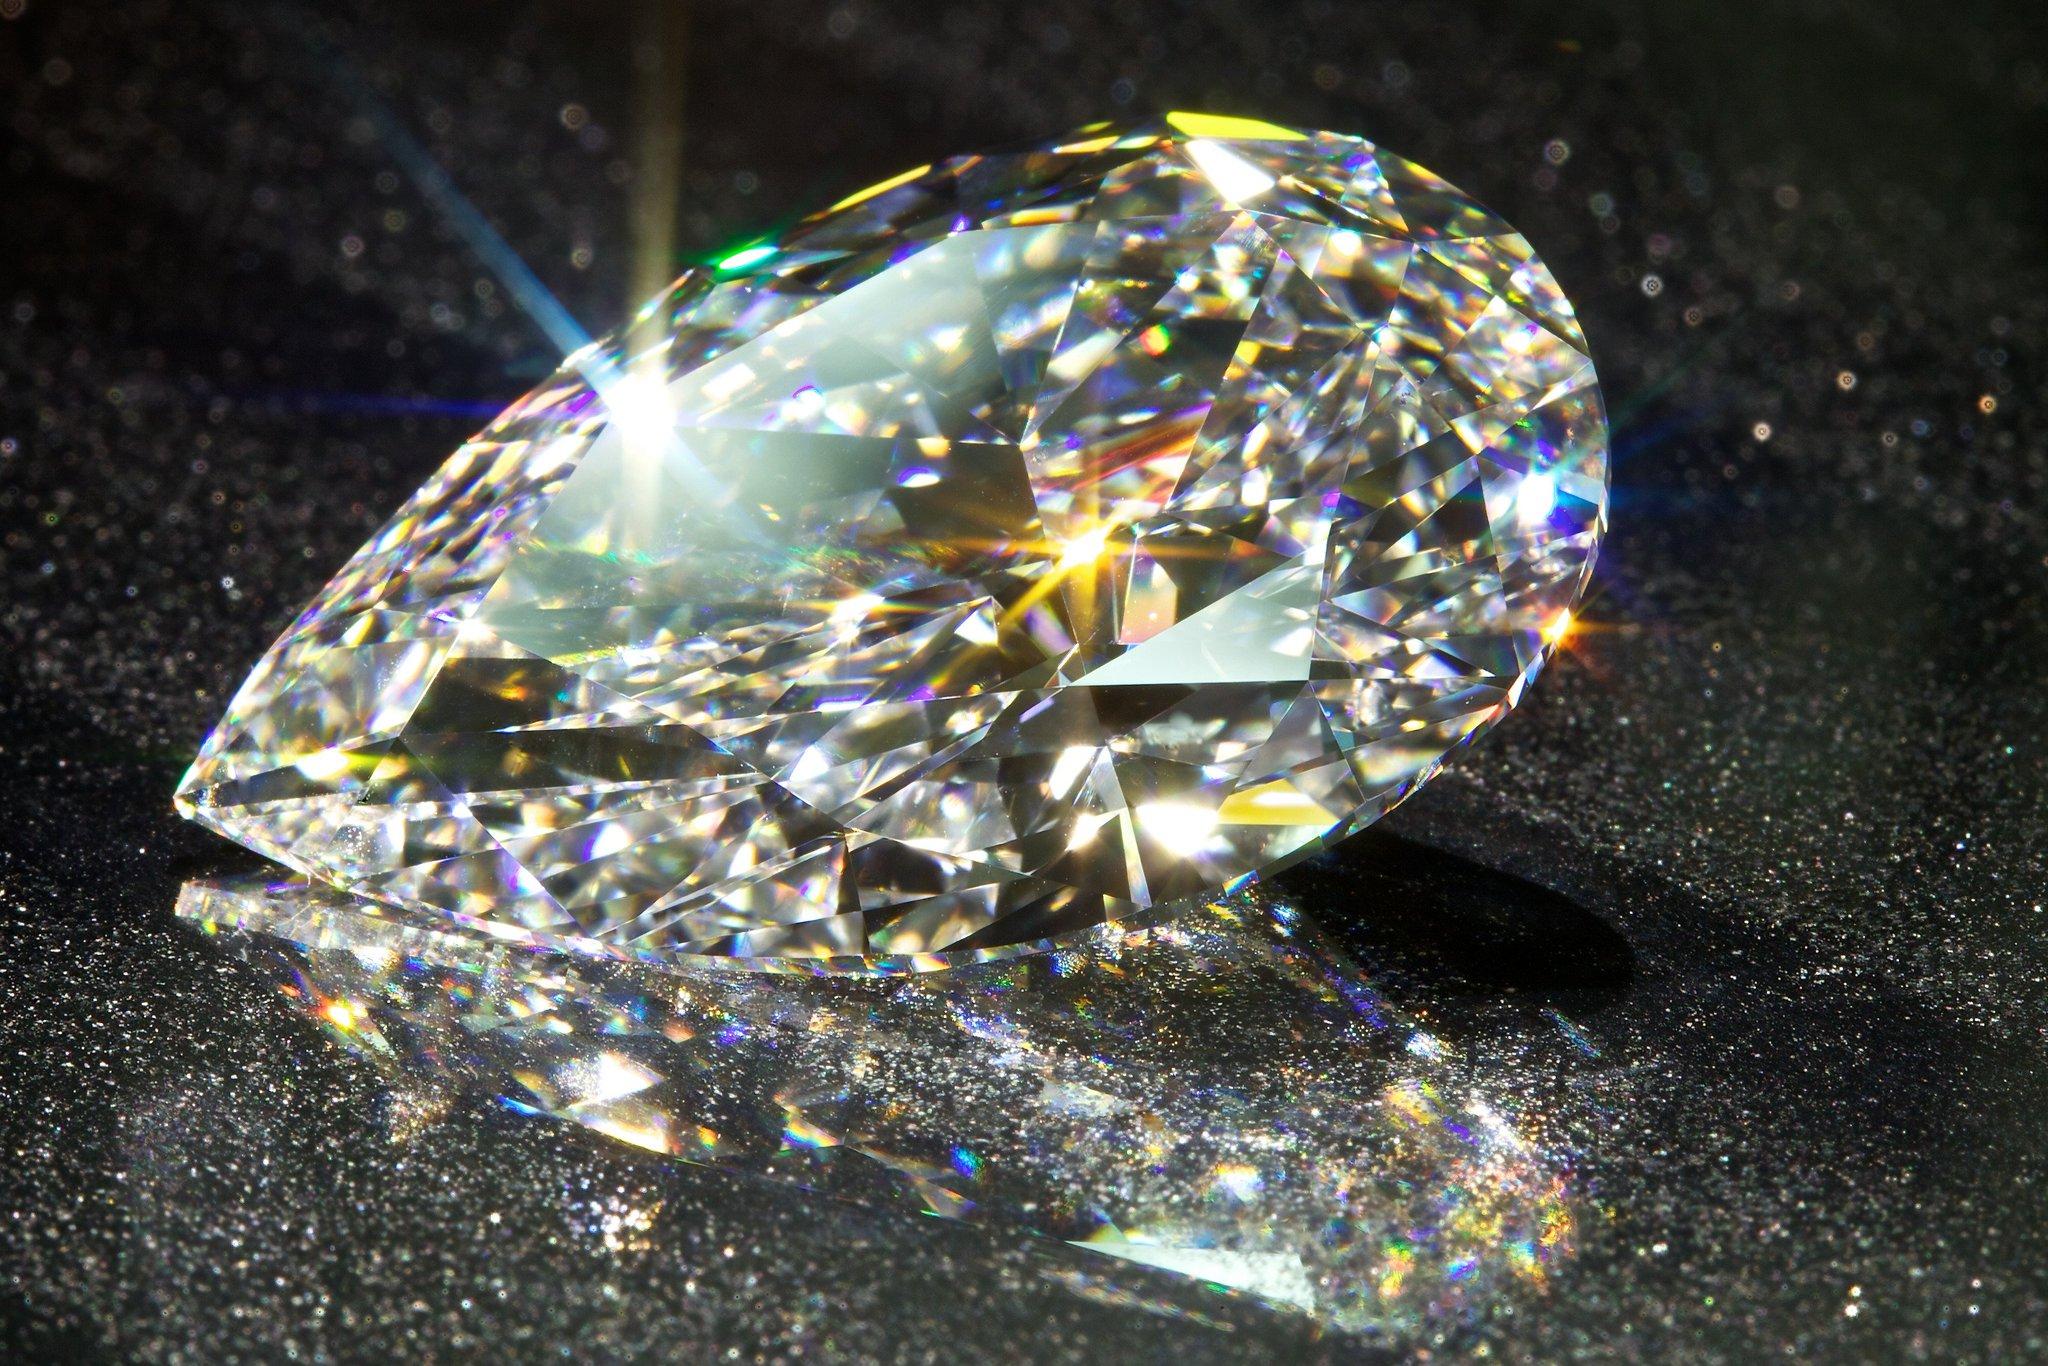 картинка бриллианты в движении нее готовят пышное